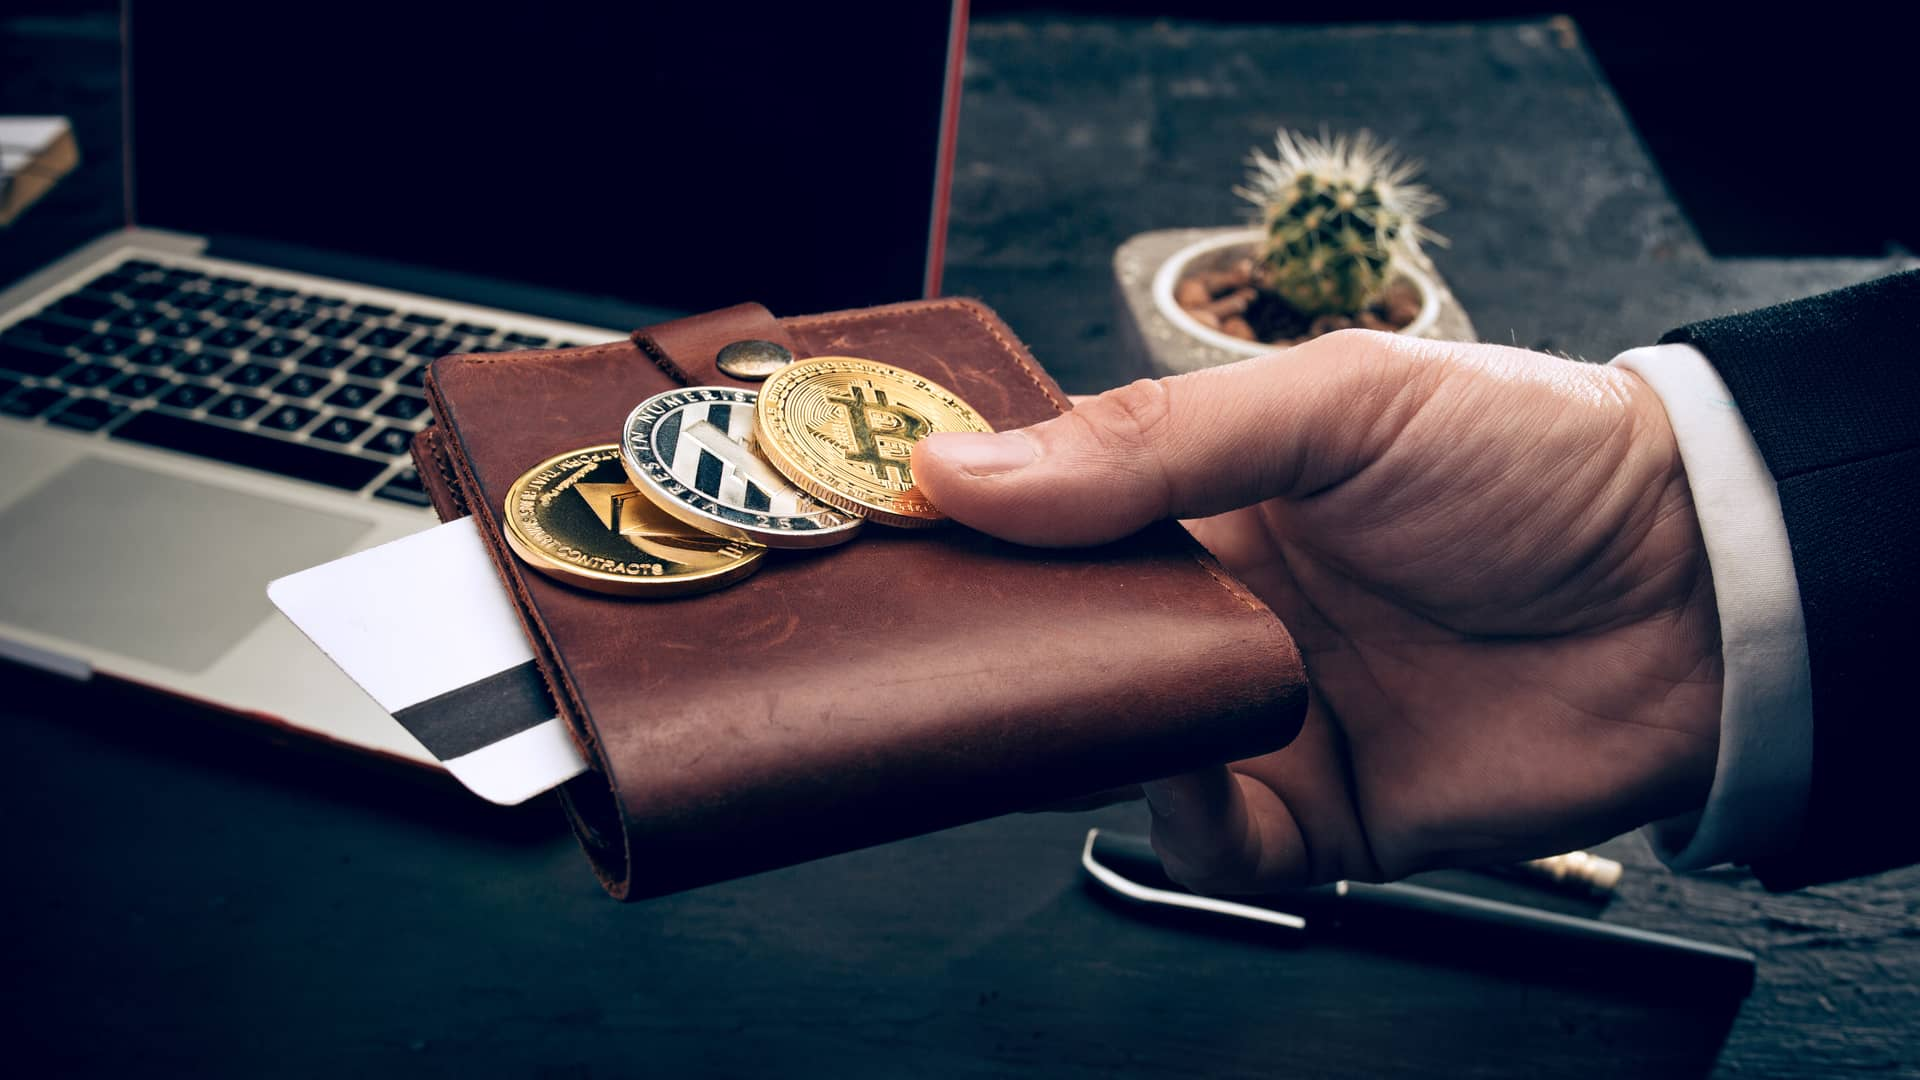 Wallet o Monedero de criptomonedas: qué son, tipos y cómo funcionan